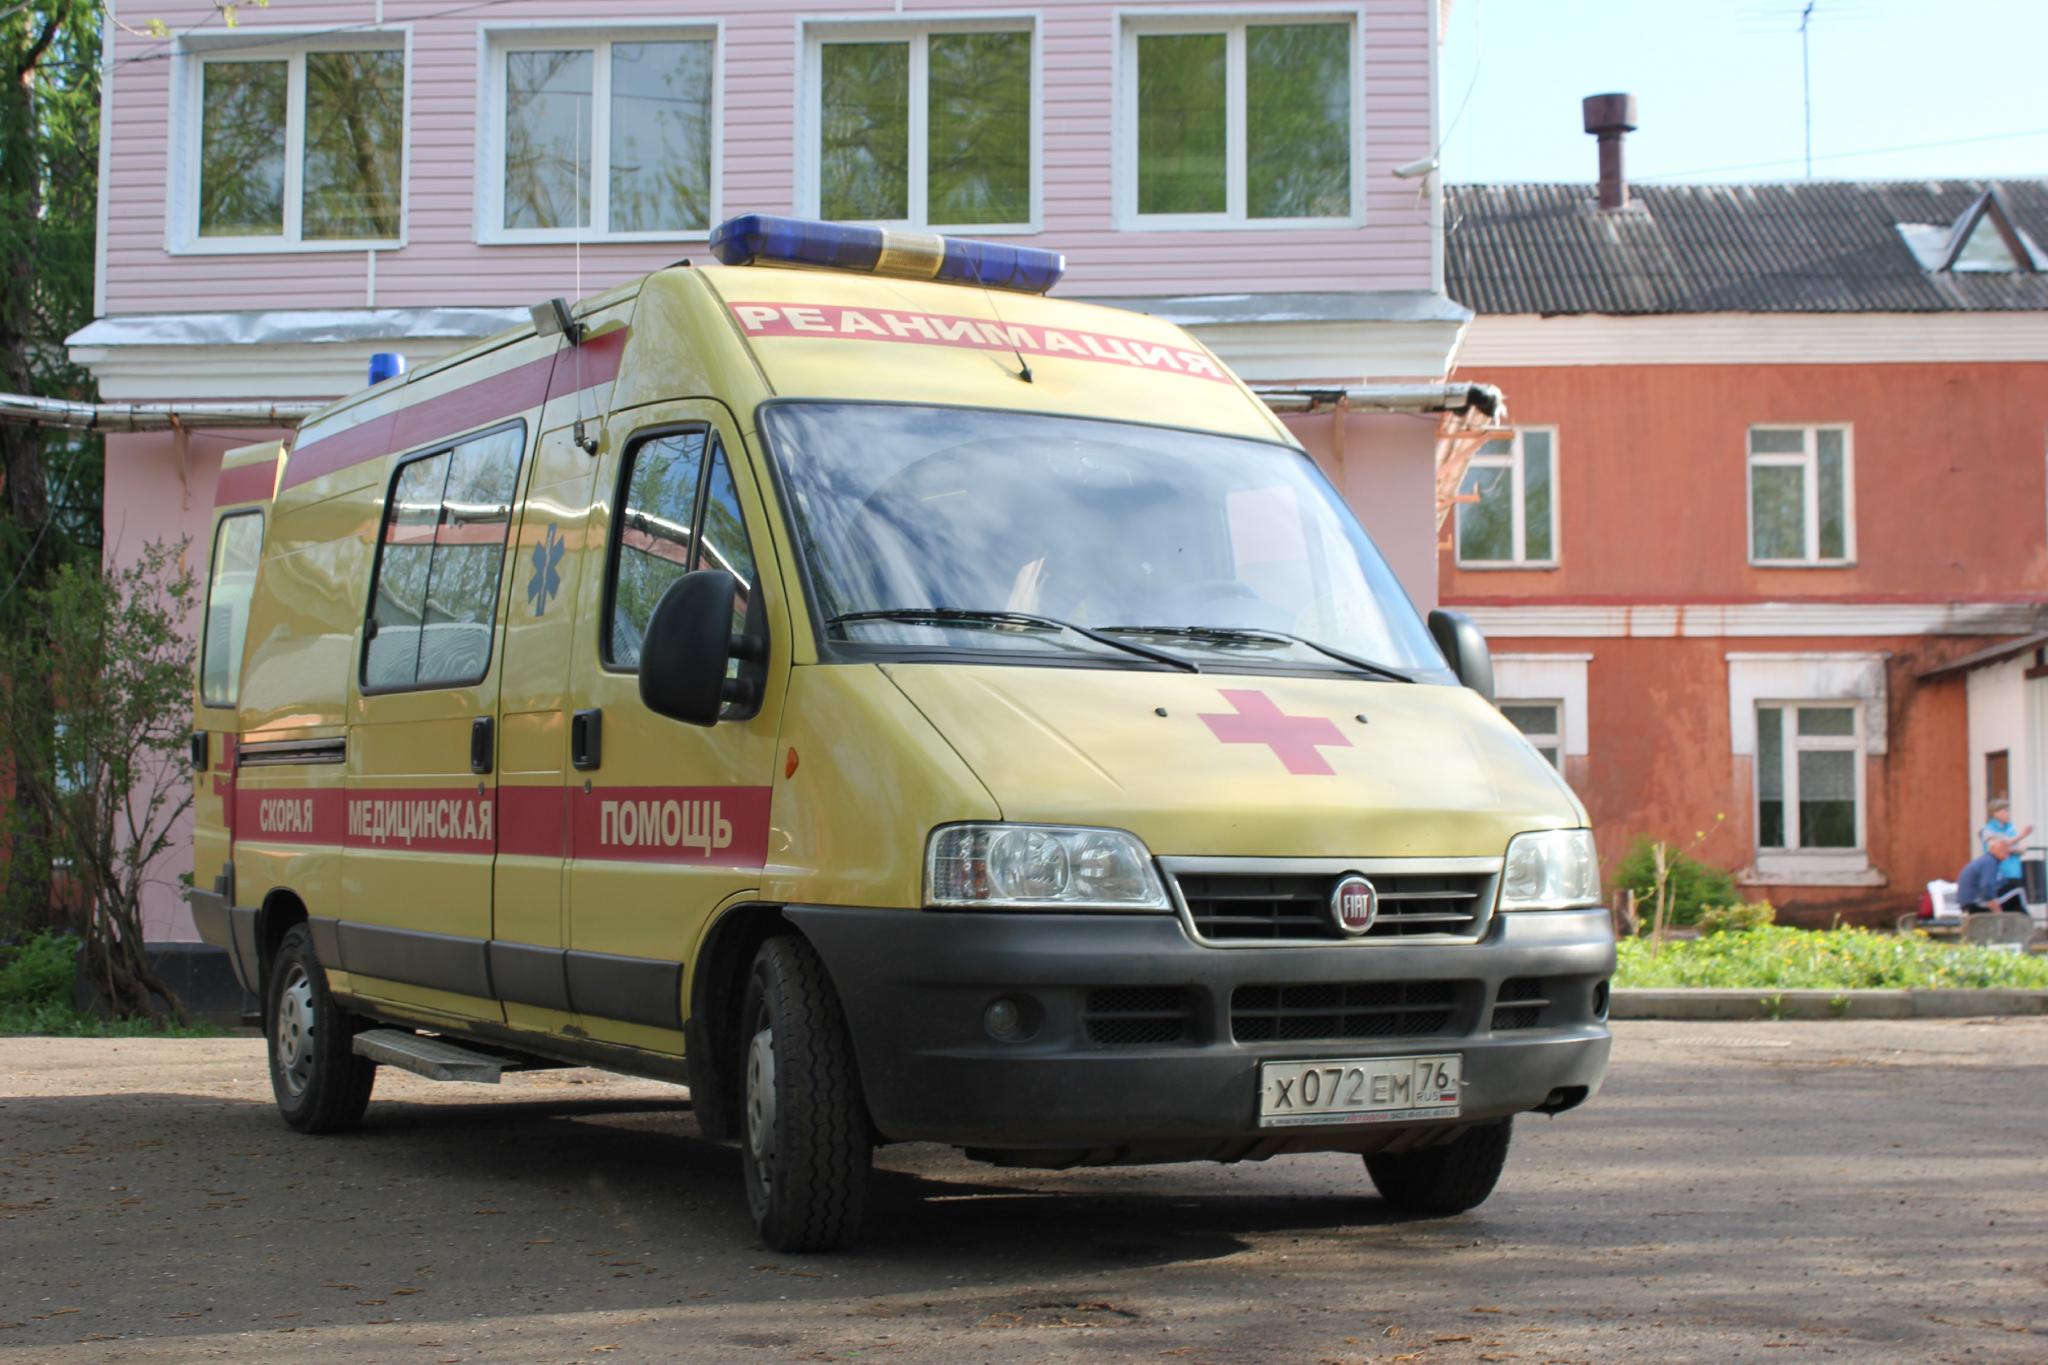 Кировские следователи проверят информацию об осколке в шее ребенка